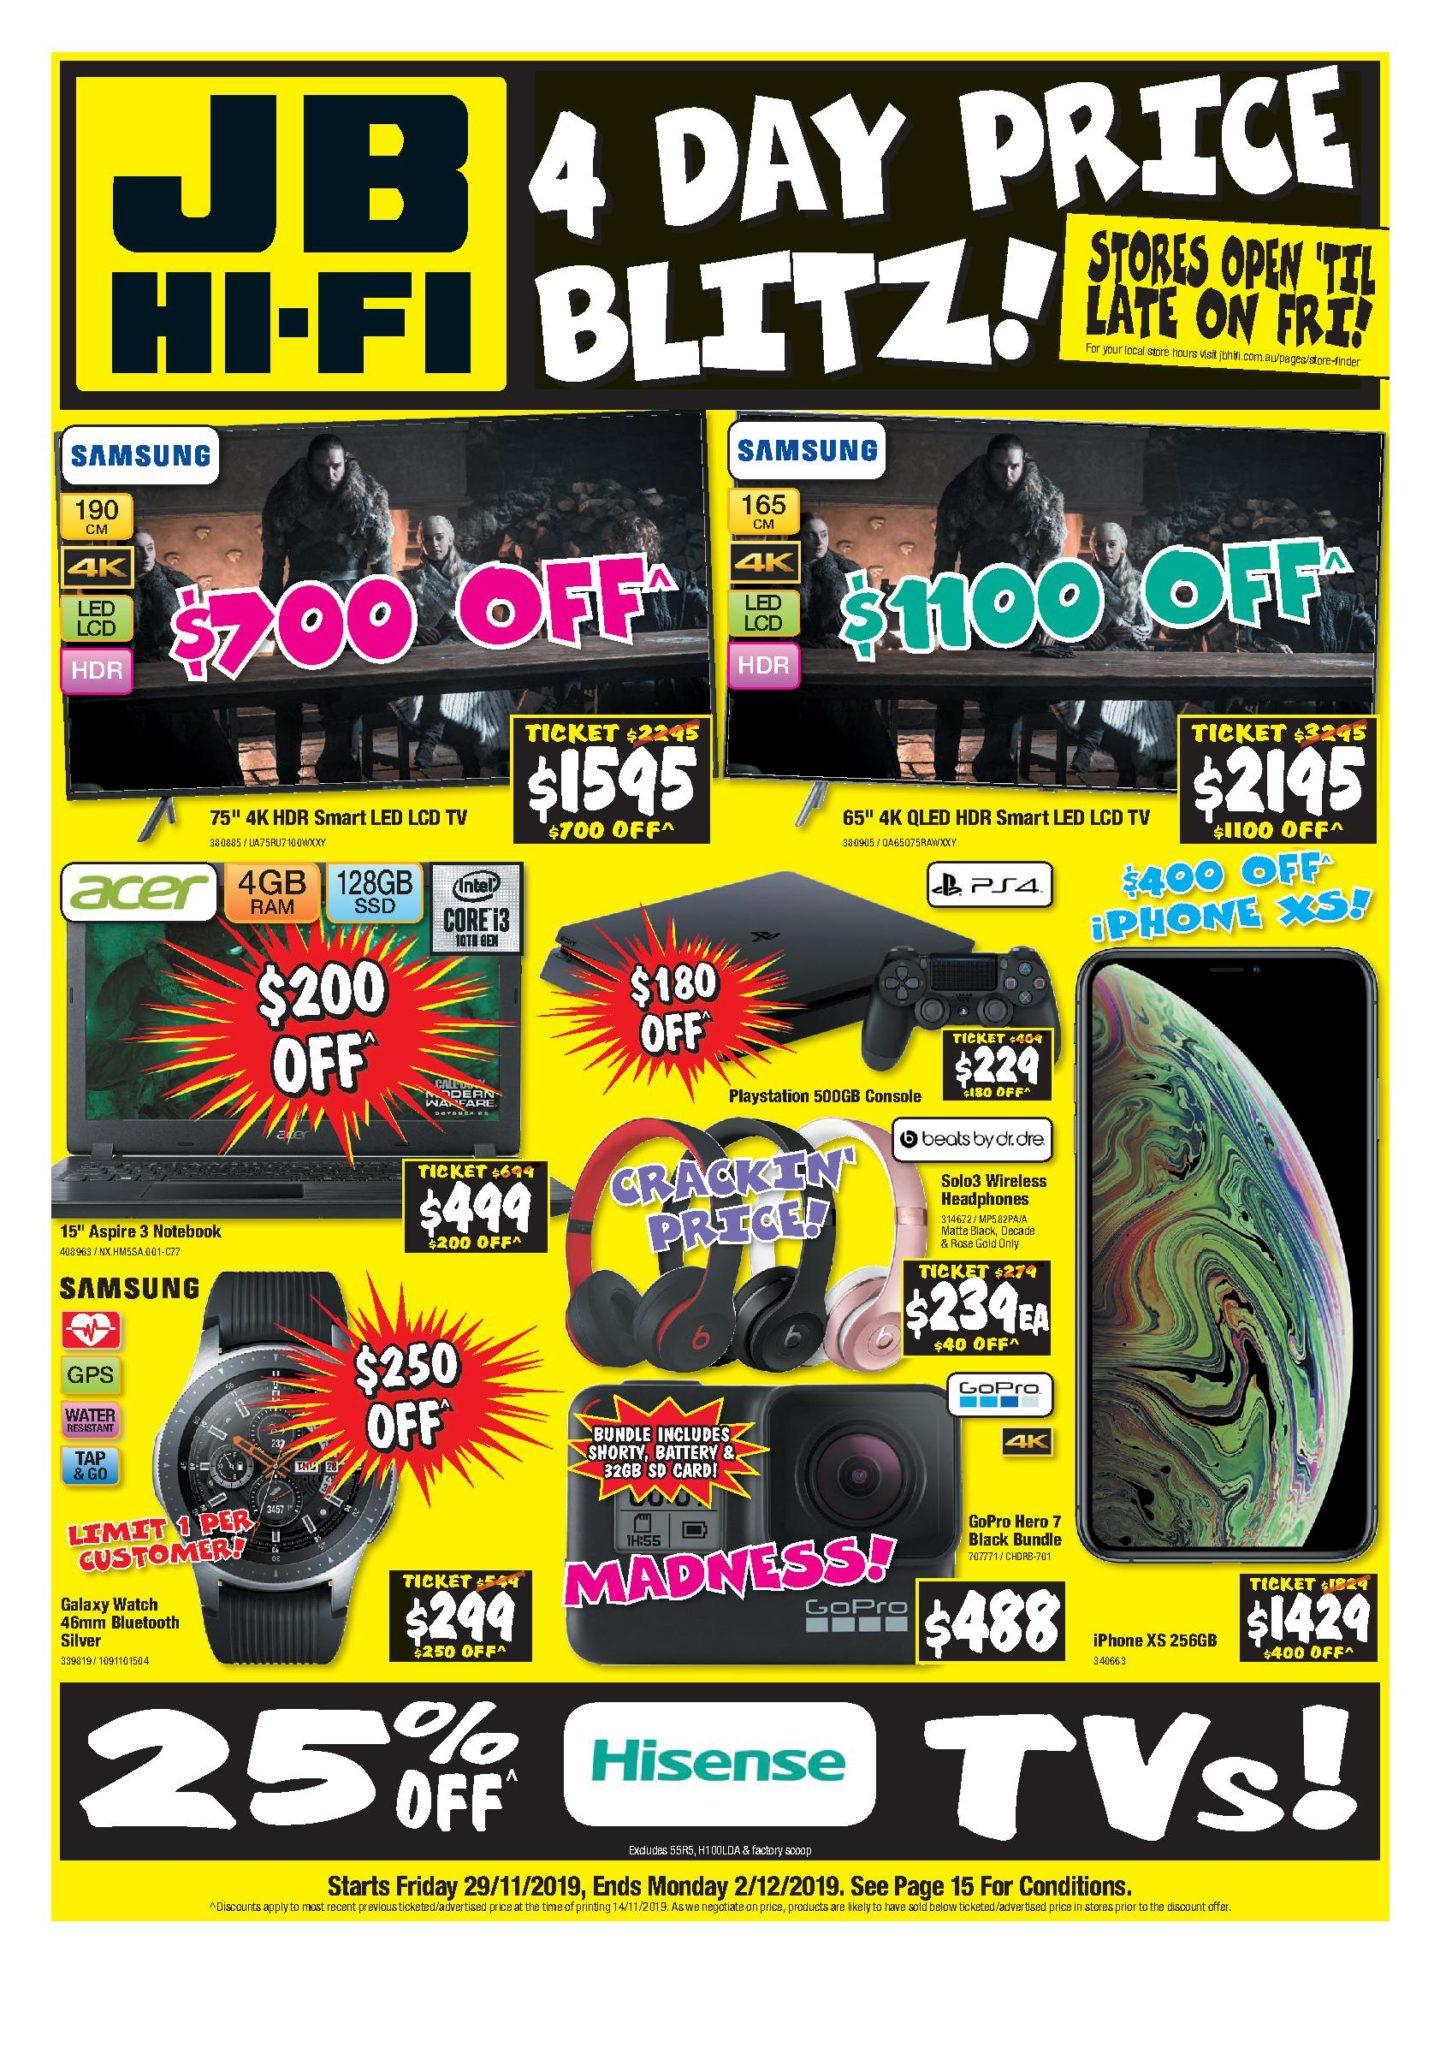 Jb Hi Fi Black Friday 2019 Sales